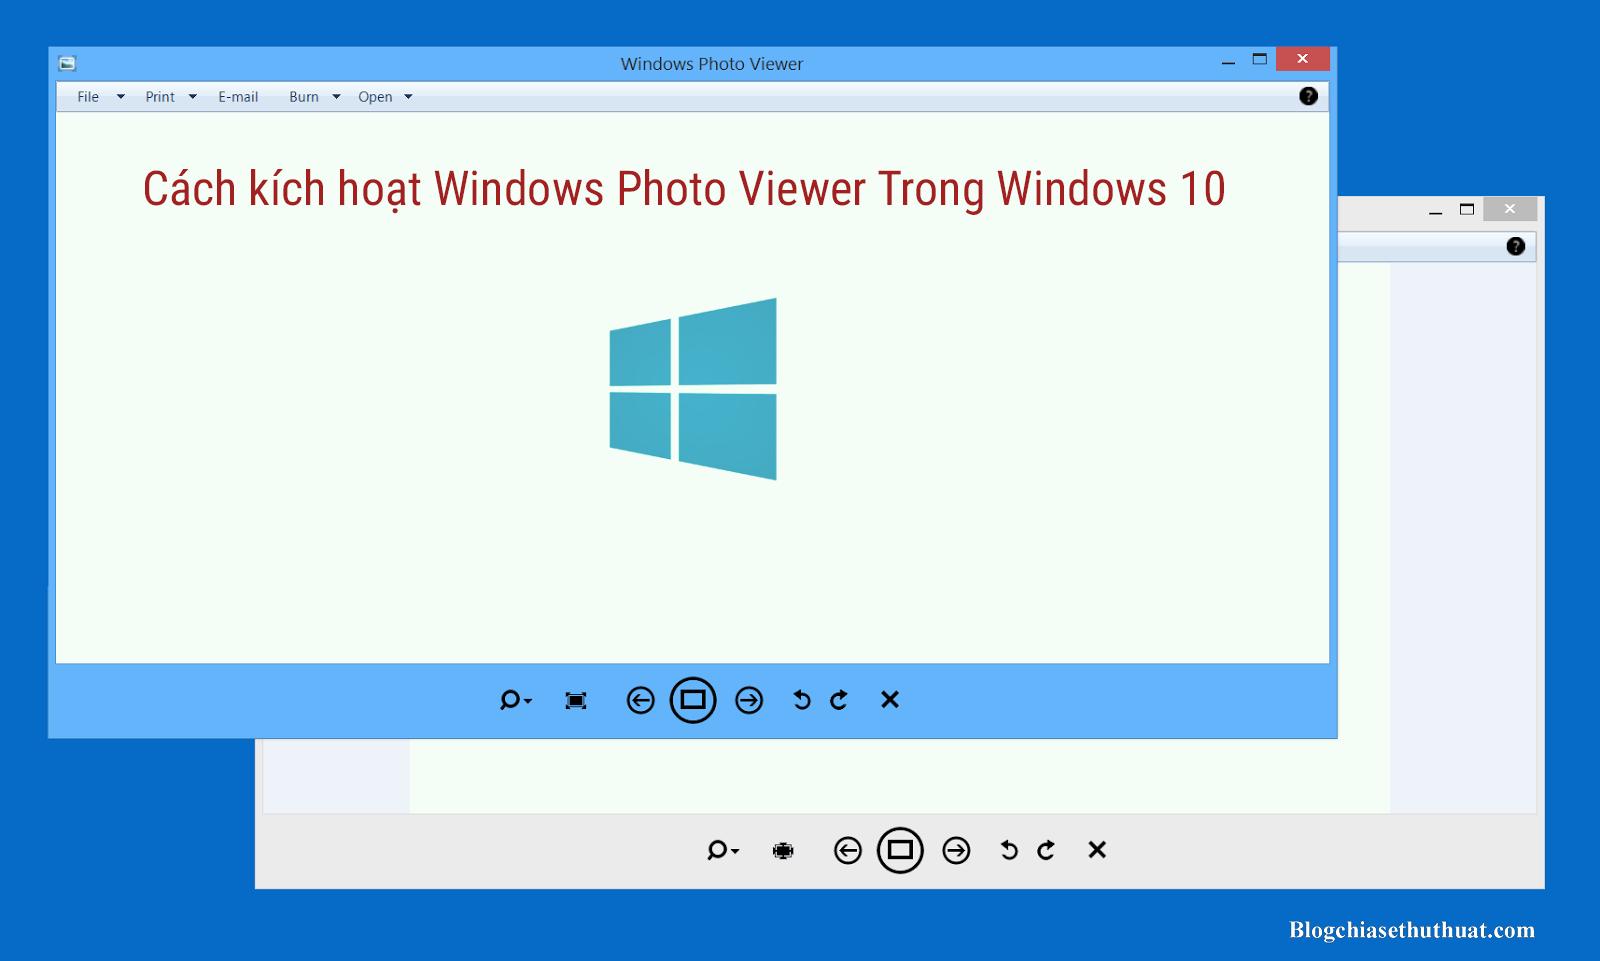 Cách kích hoạt Windows Photo Viewer Trong Windows 10